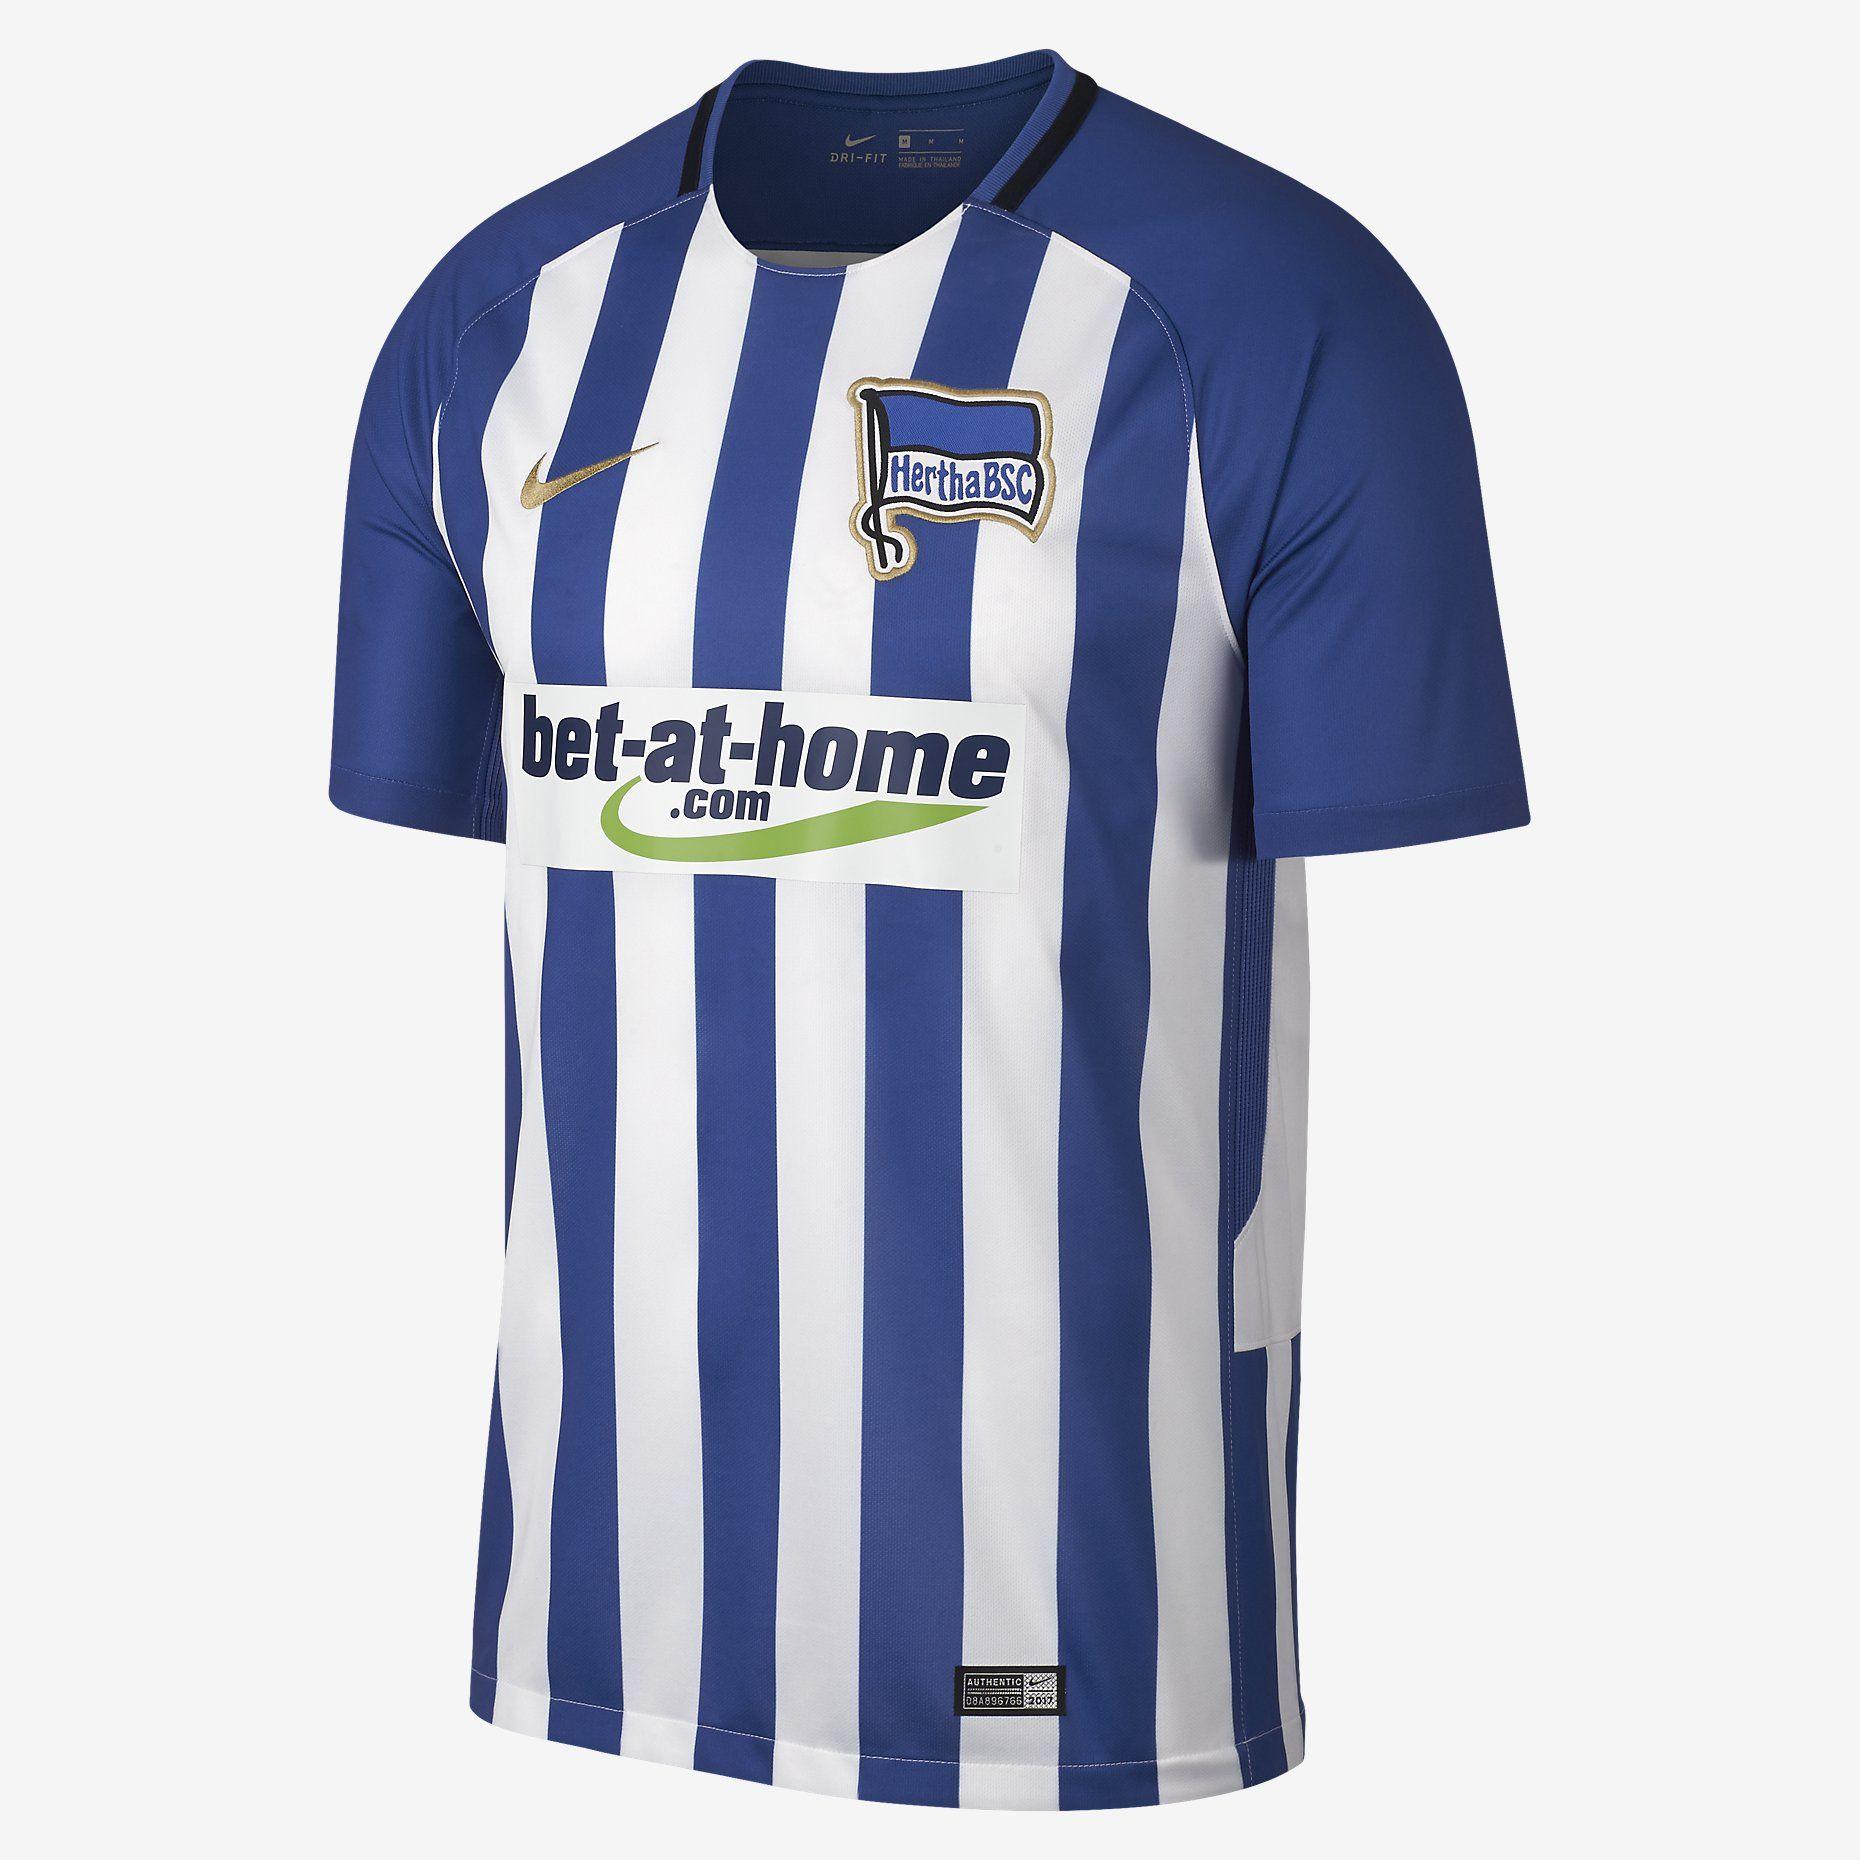 8e12bb849 Nike Hertha Berlin Home Jersey 17 18